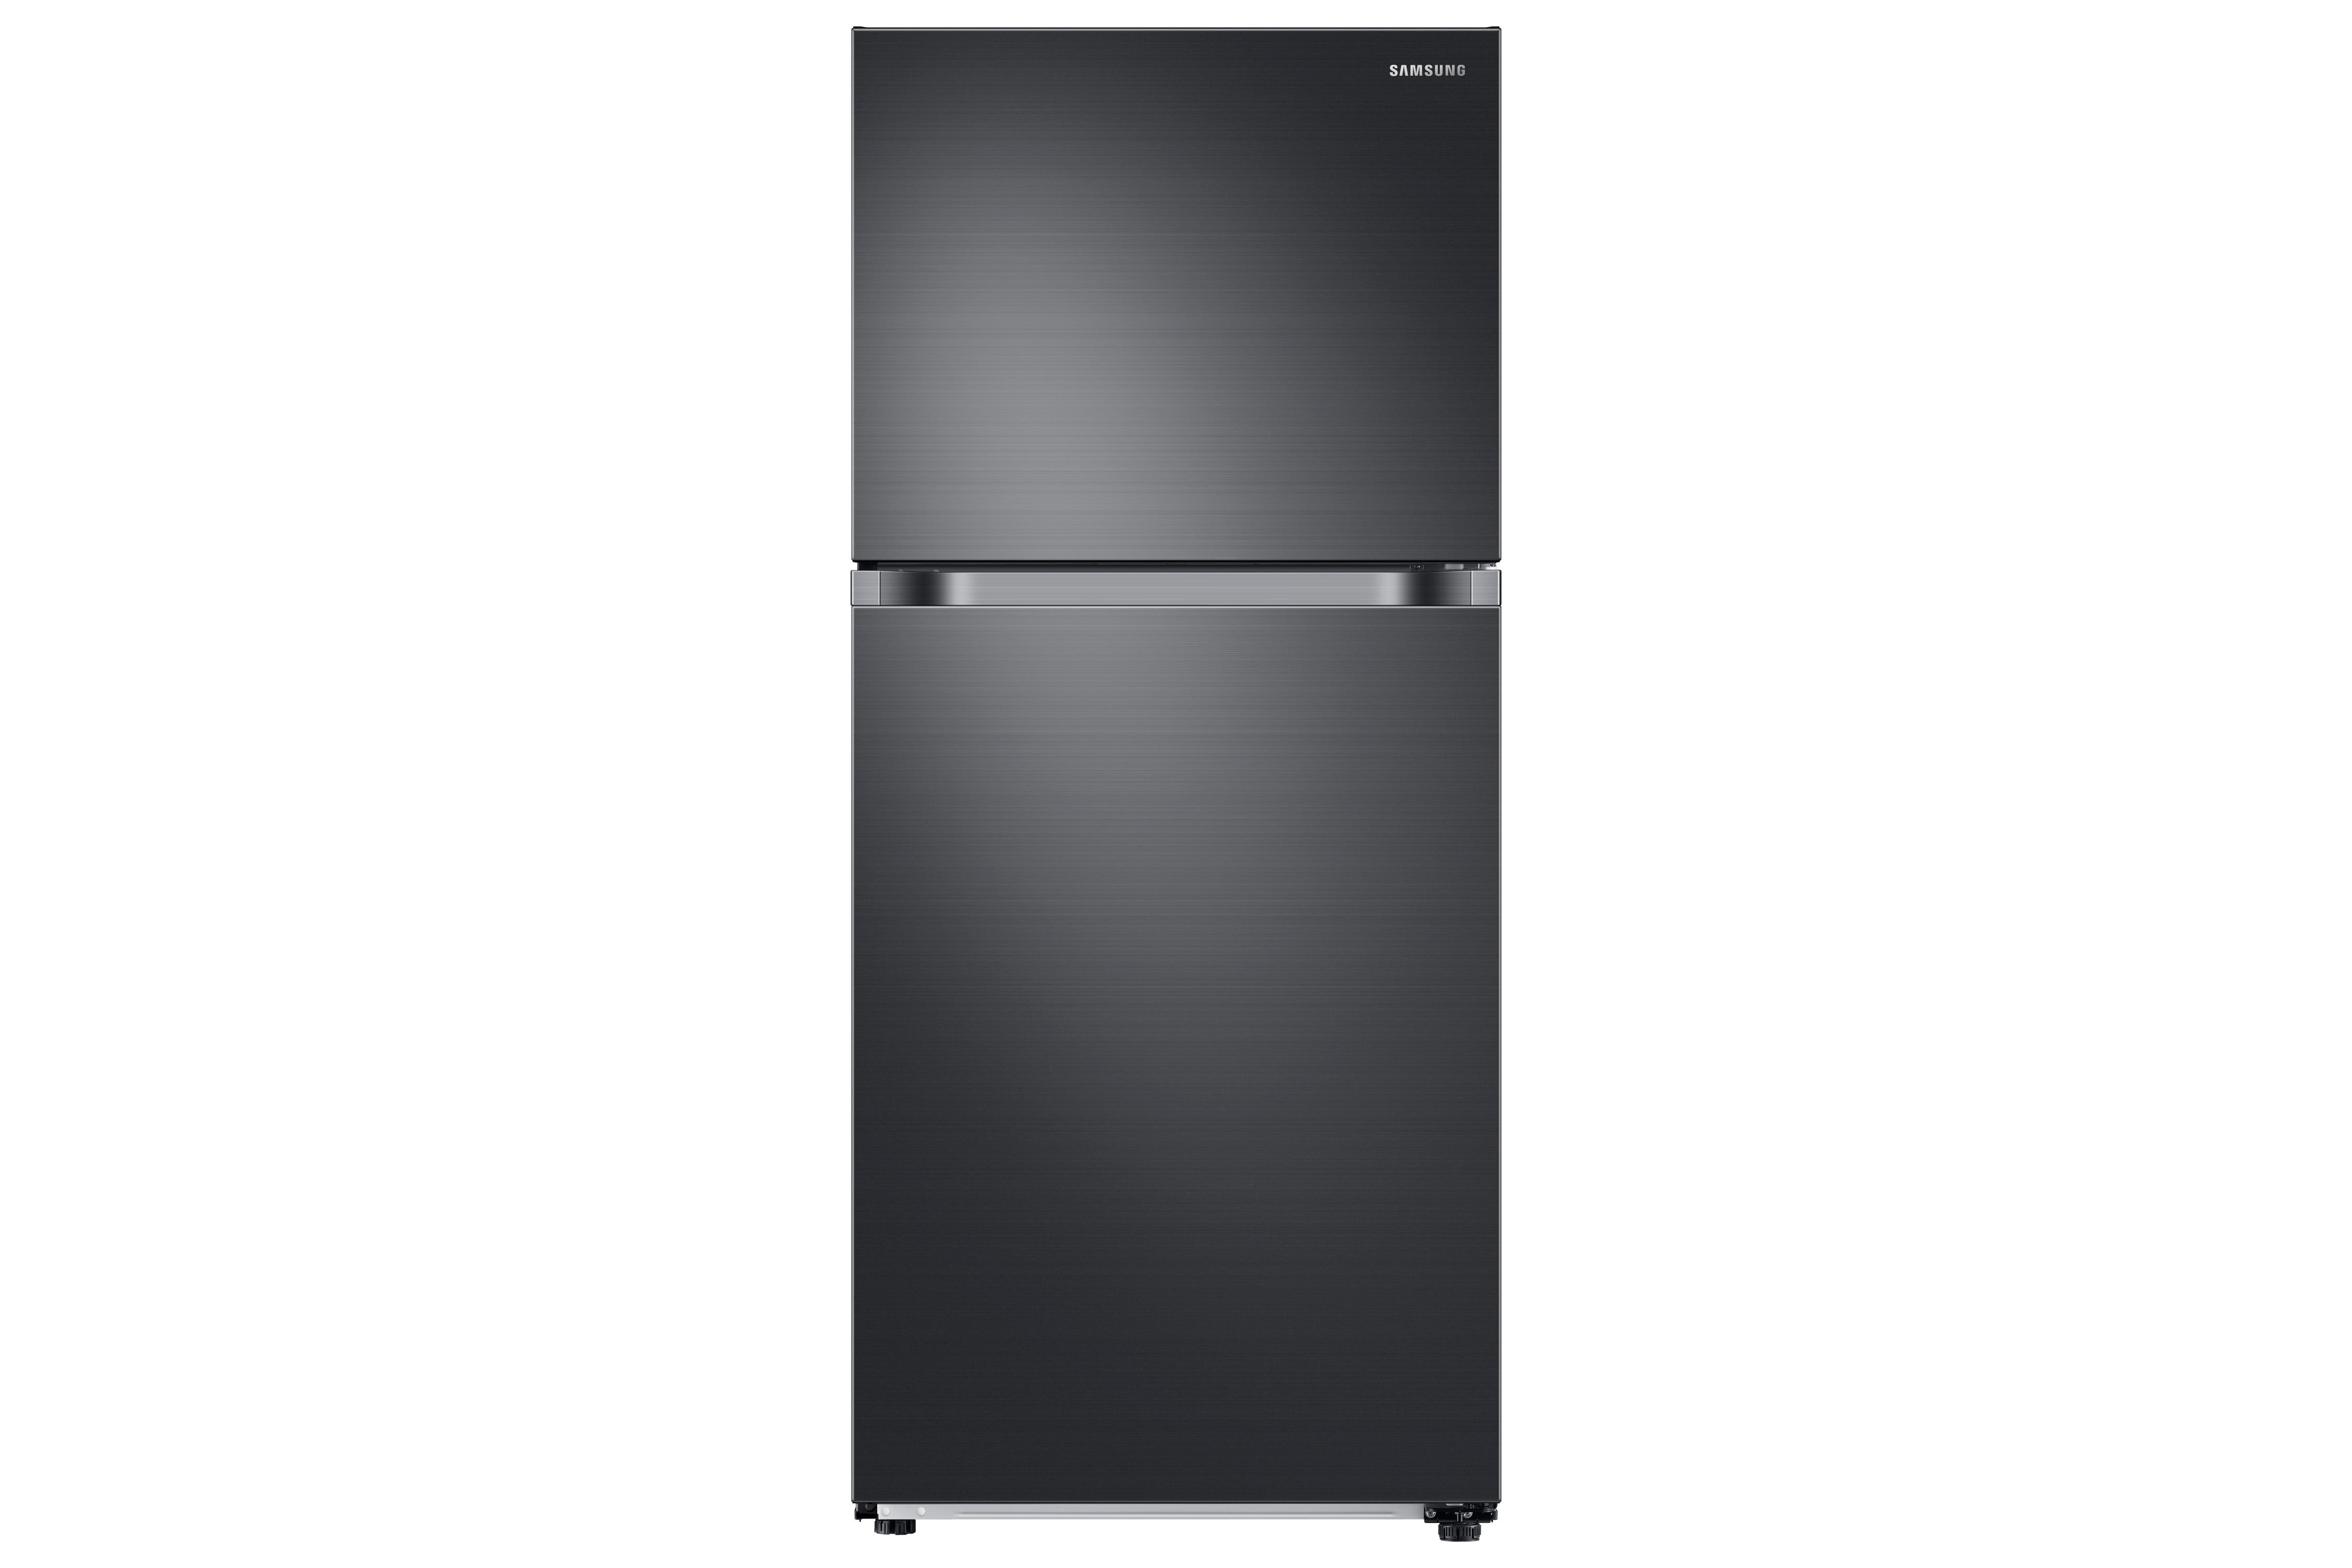 Top Freezer Rt18m6215 Series Owner Information Support Samsung Us Refrigerator Wiring Schematic